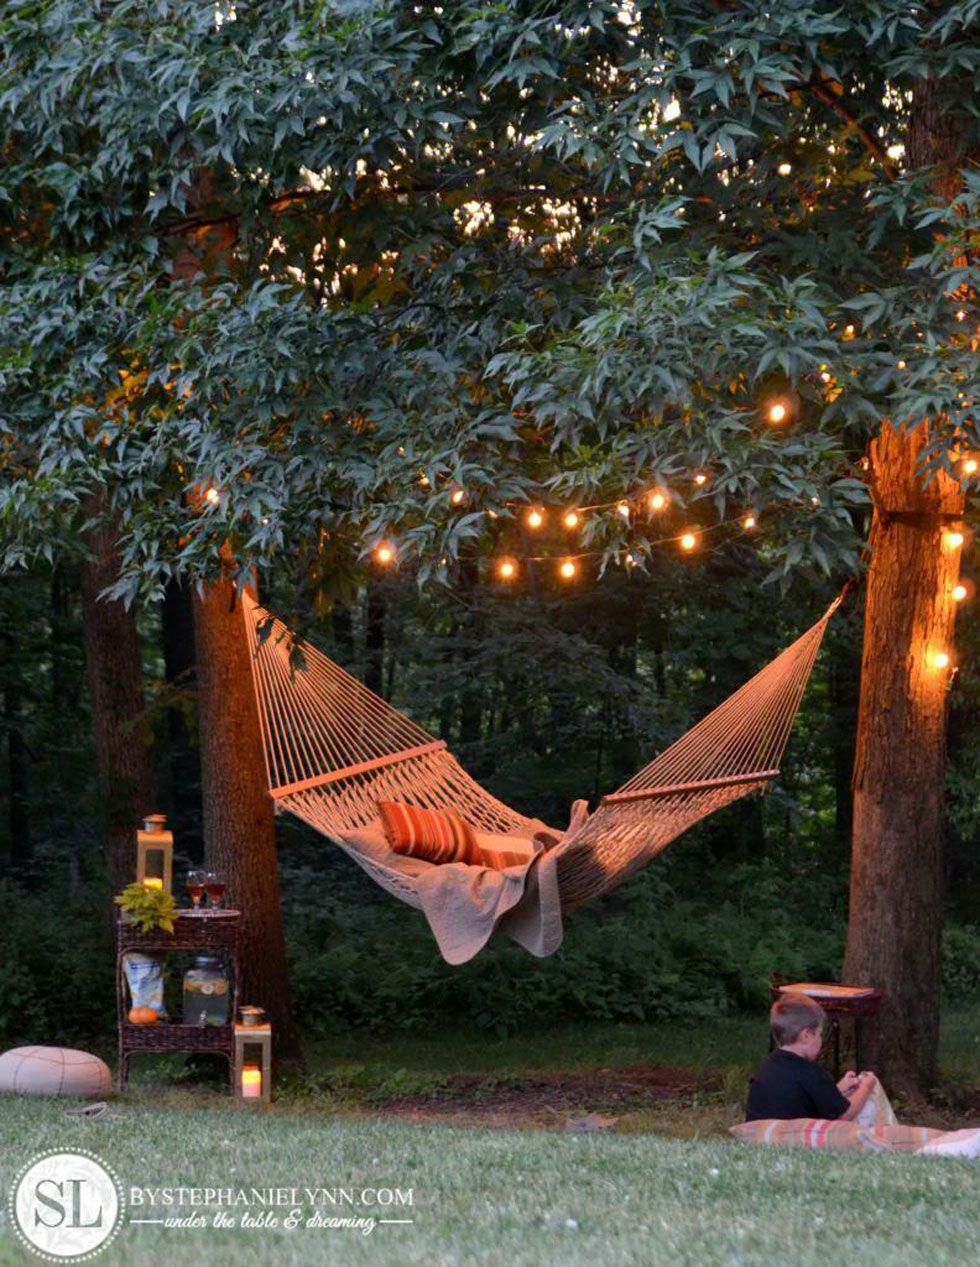 Easy Backyard Ideas That Won't Break the Bank